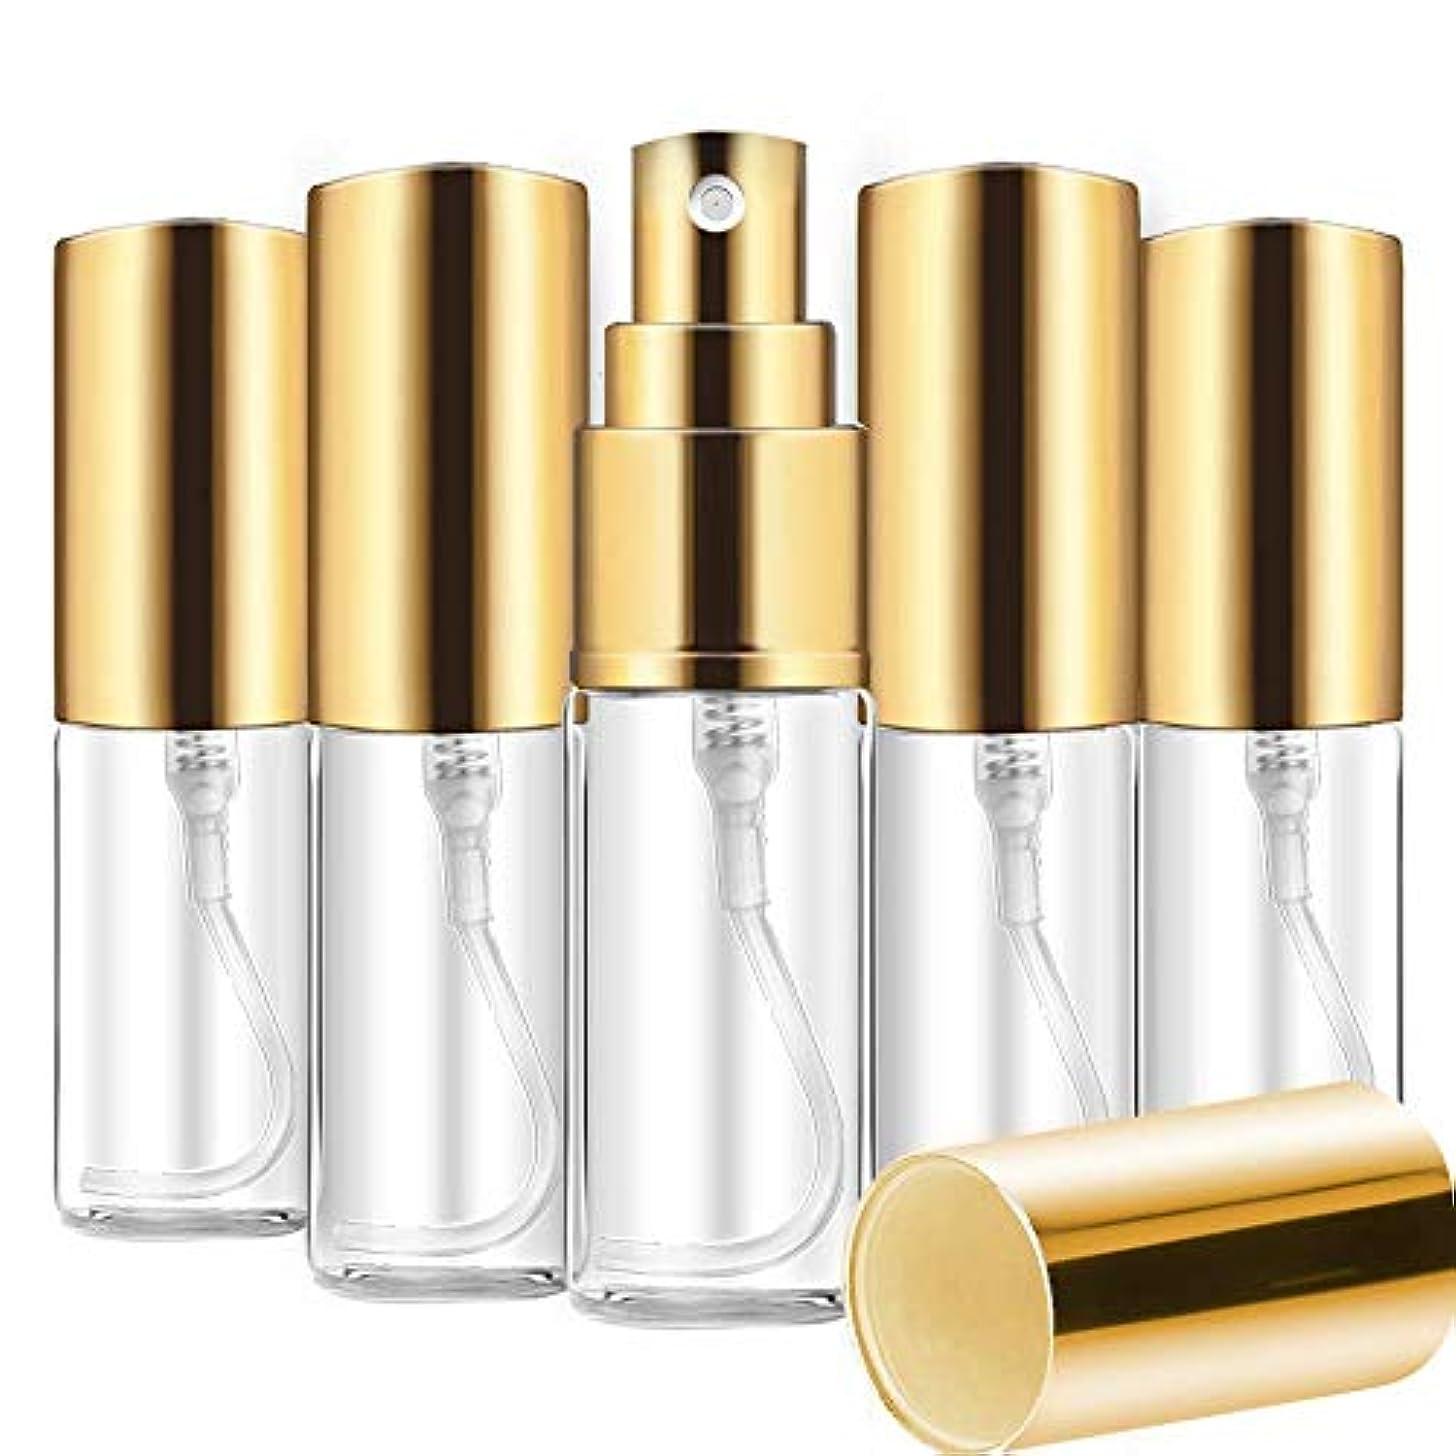 建物なしでカラスAomgsd 香水噴霧器 香水アトマイザー スプレーボトル ガラス 香水詰め替え ミニ 携帯便利 軽量 上品 5ml 5本 (ゴールド)